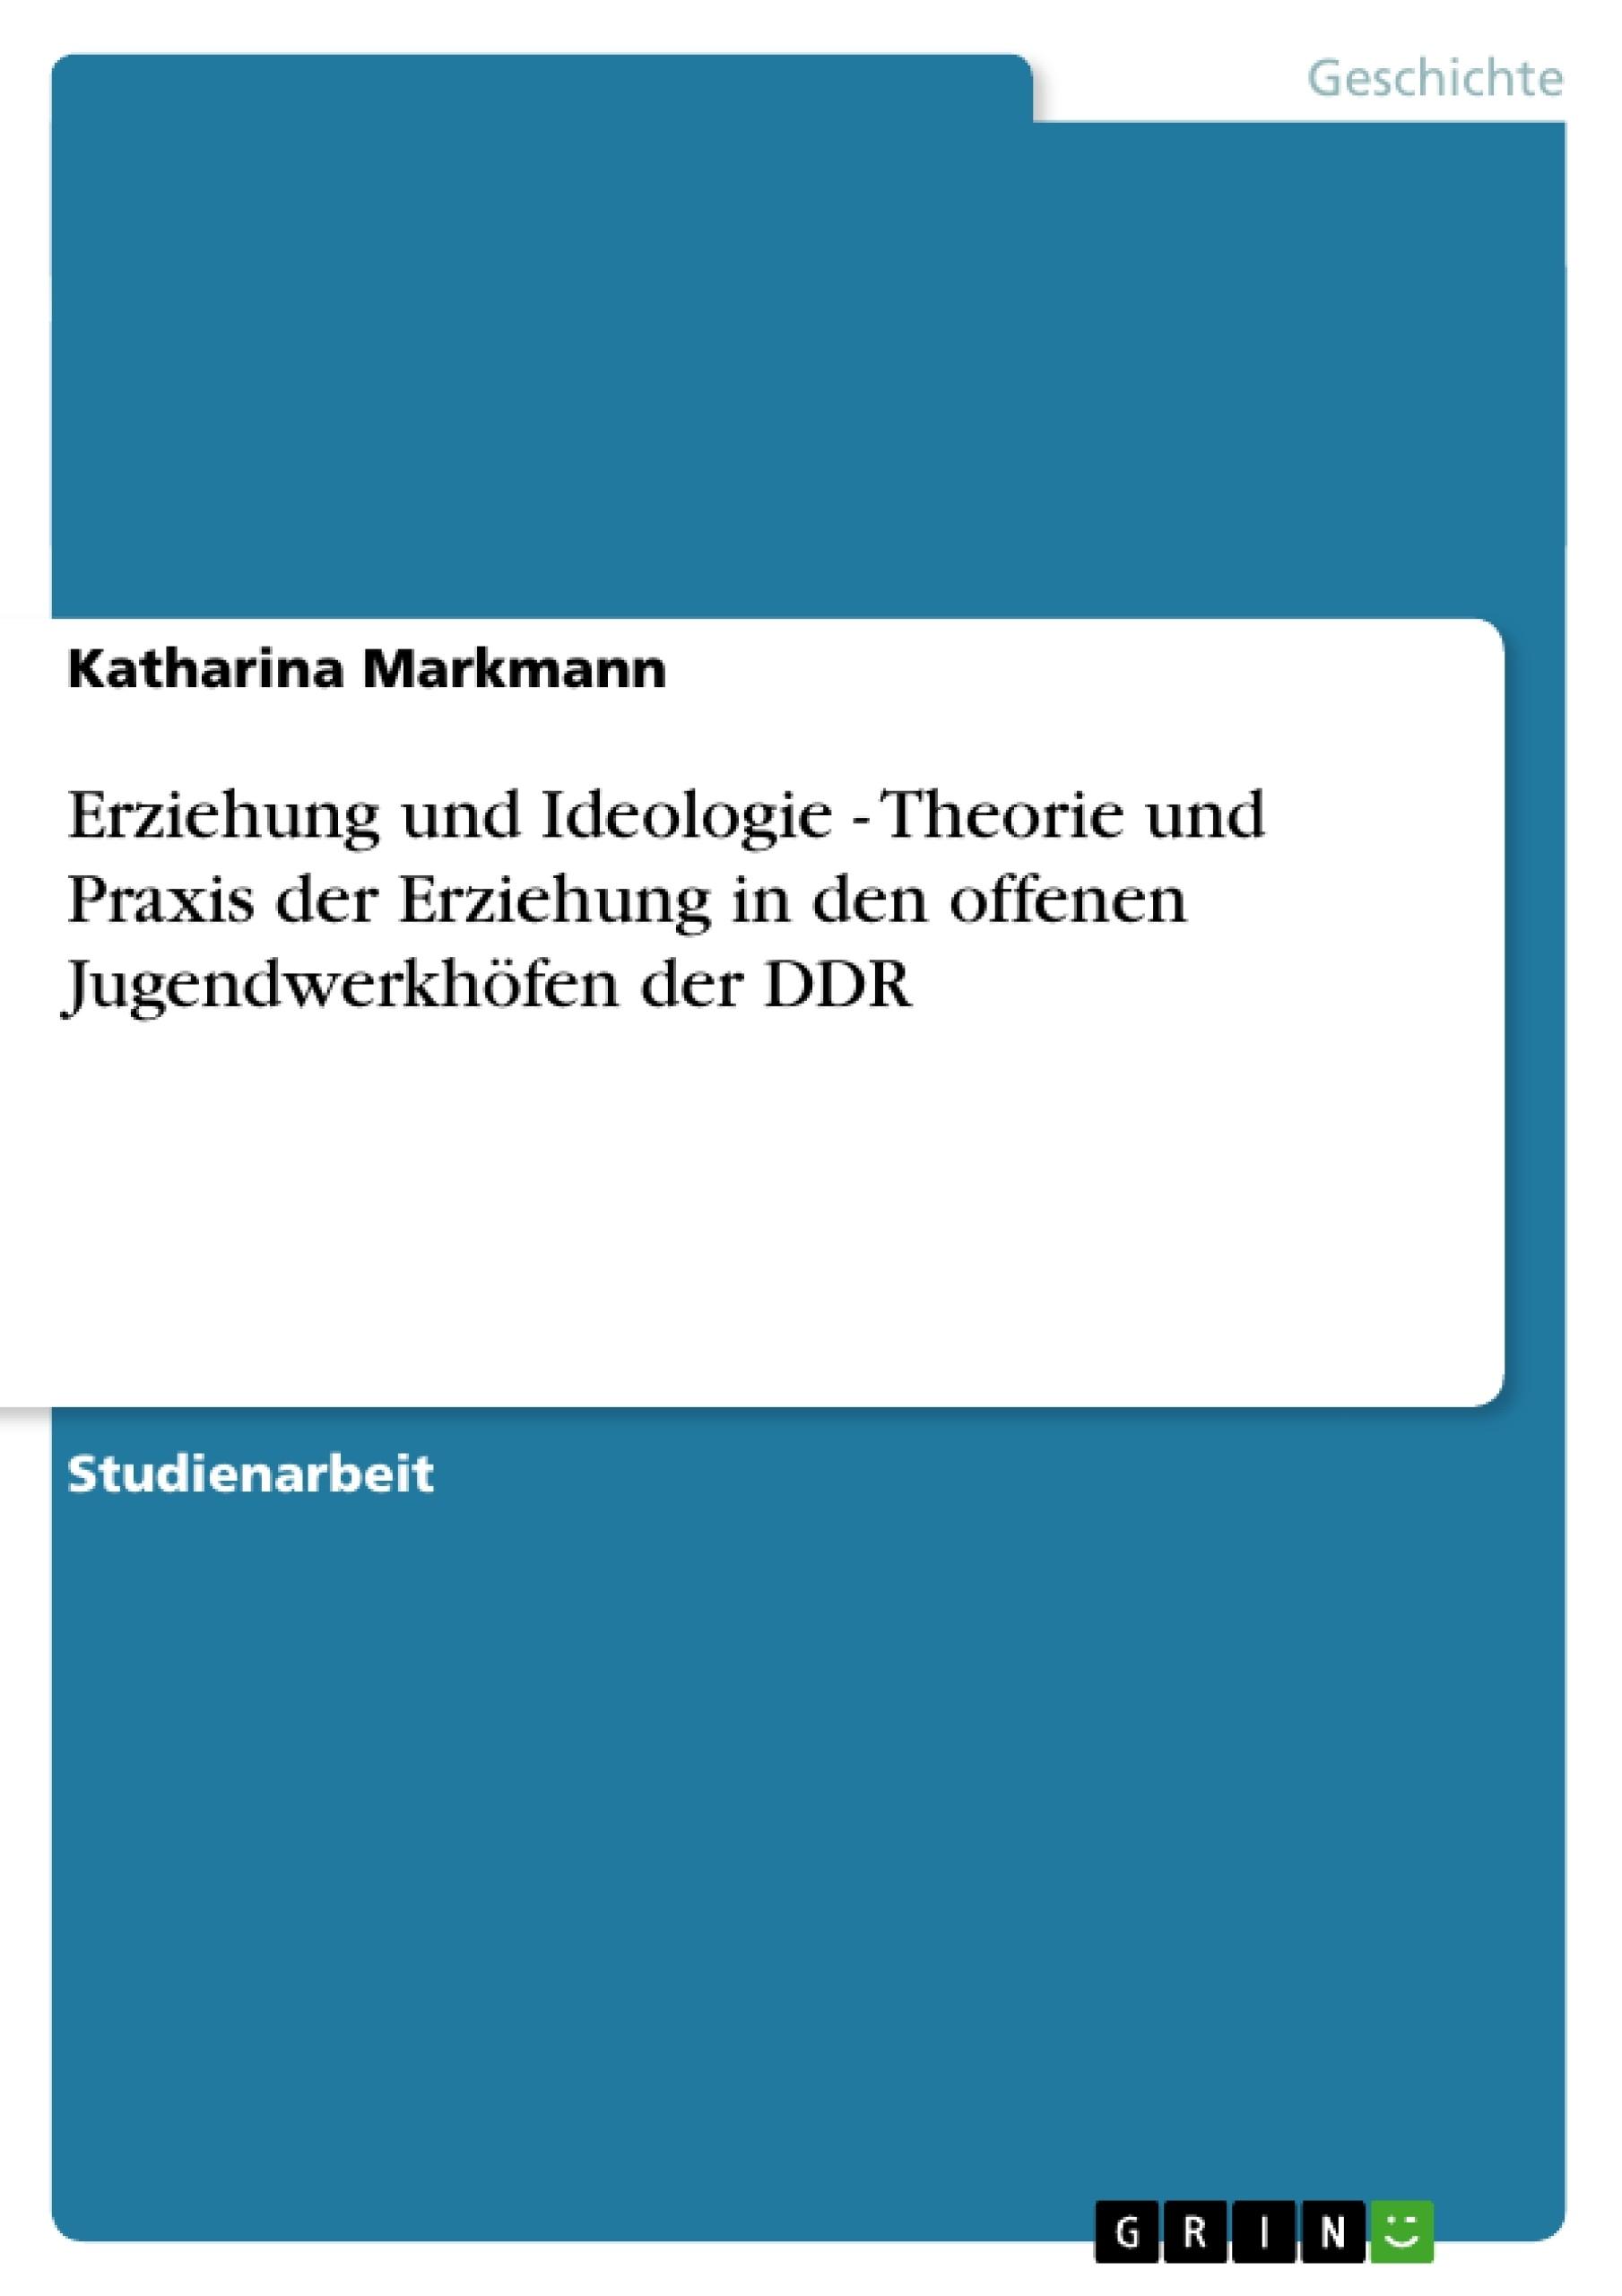 Titel: Erziehung und Ideologie - Theorie und Praxis der Erziehung in den offenen Jugendwerkhöfen der DDR